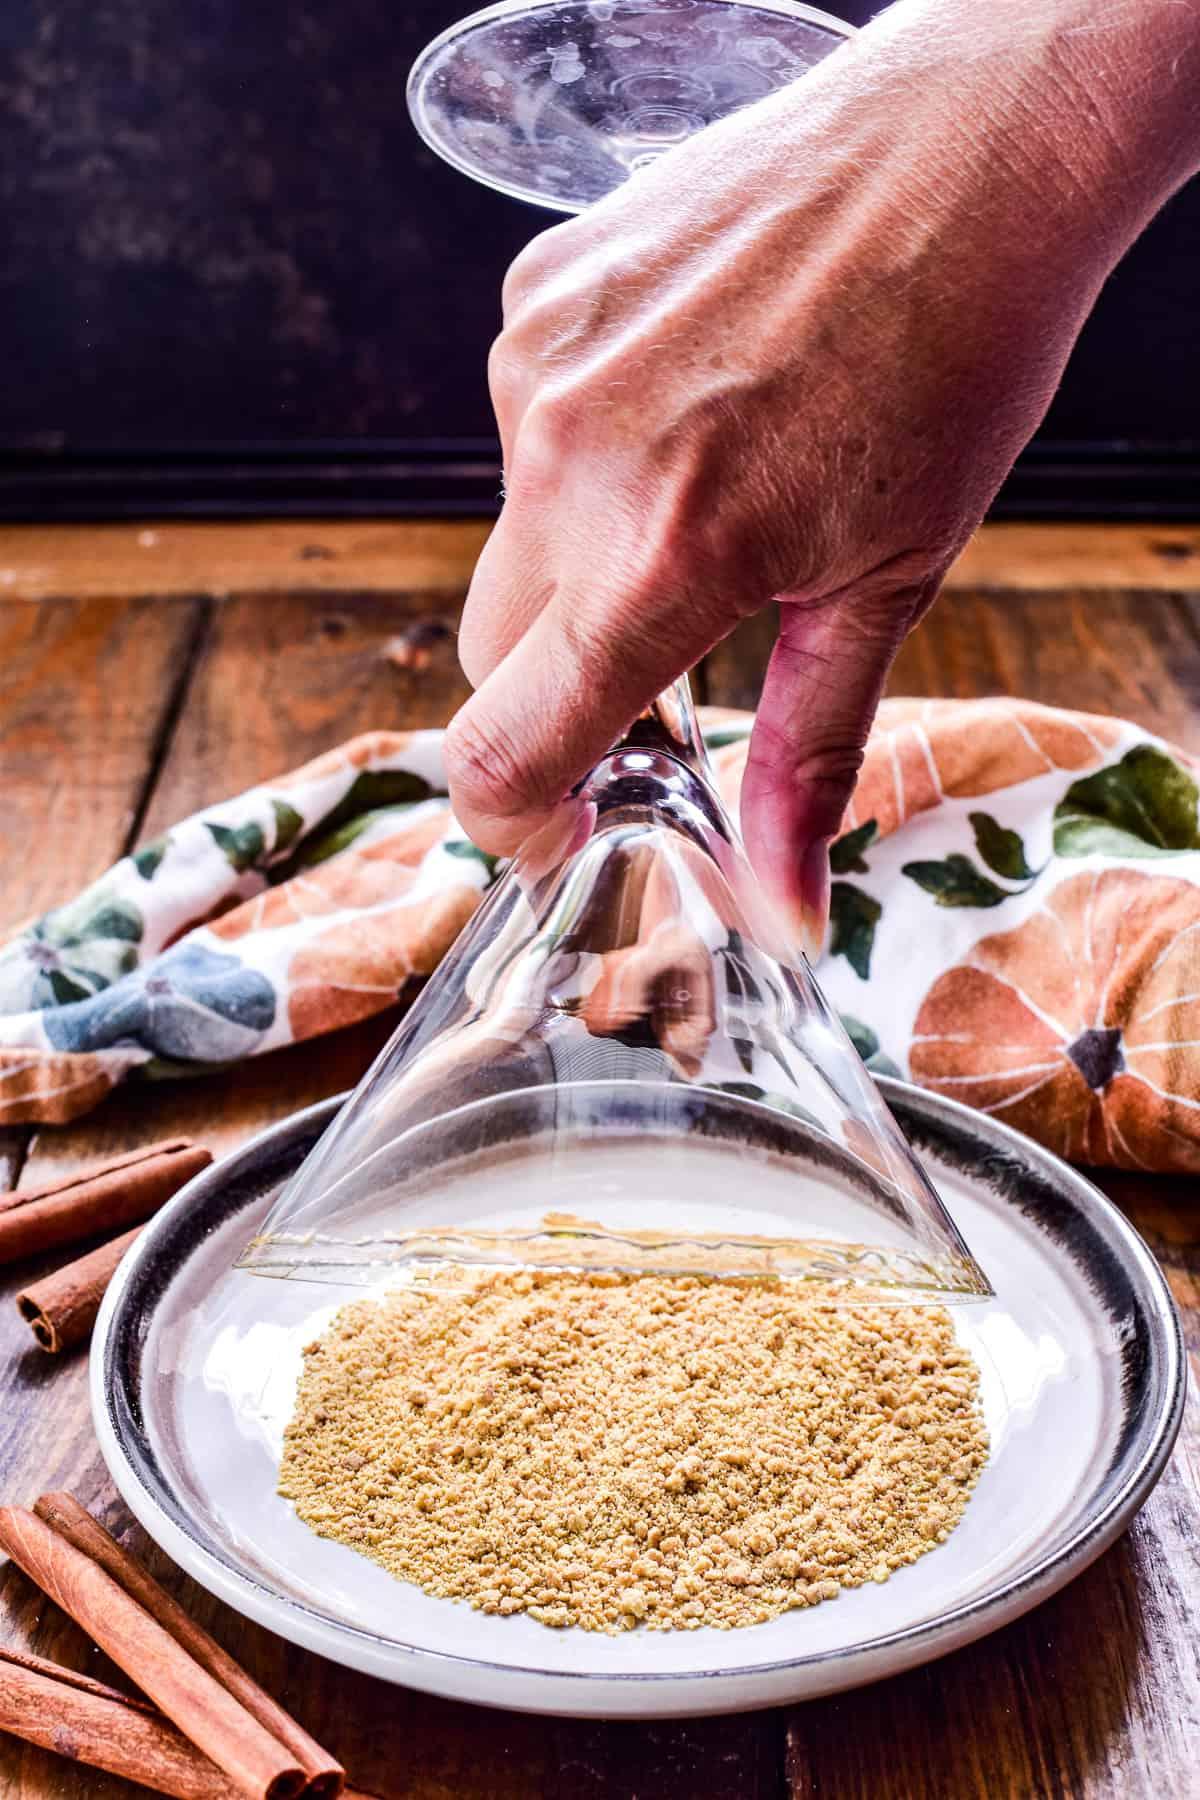 How to make a graham cracker rim for a martini